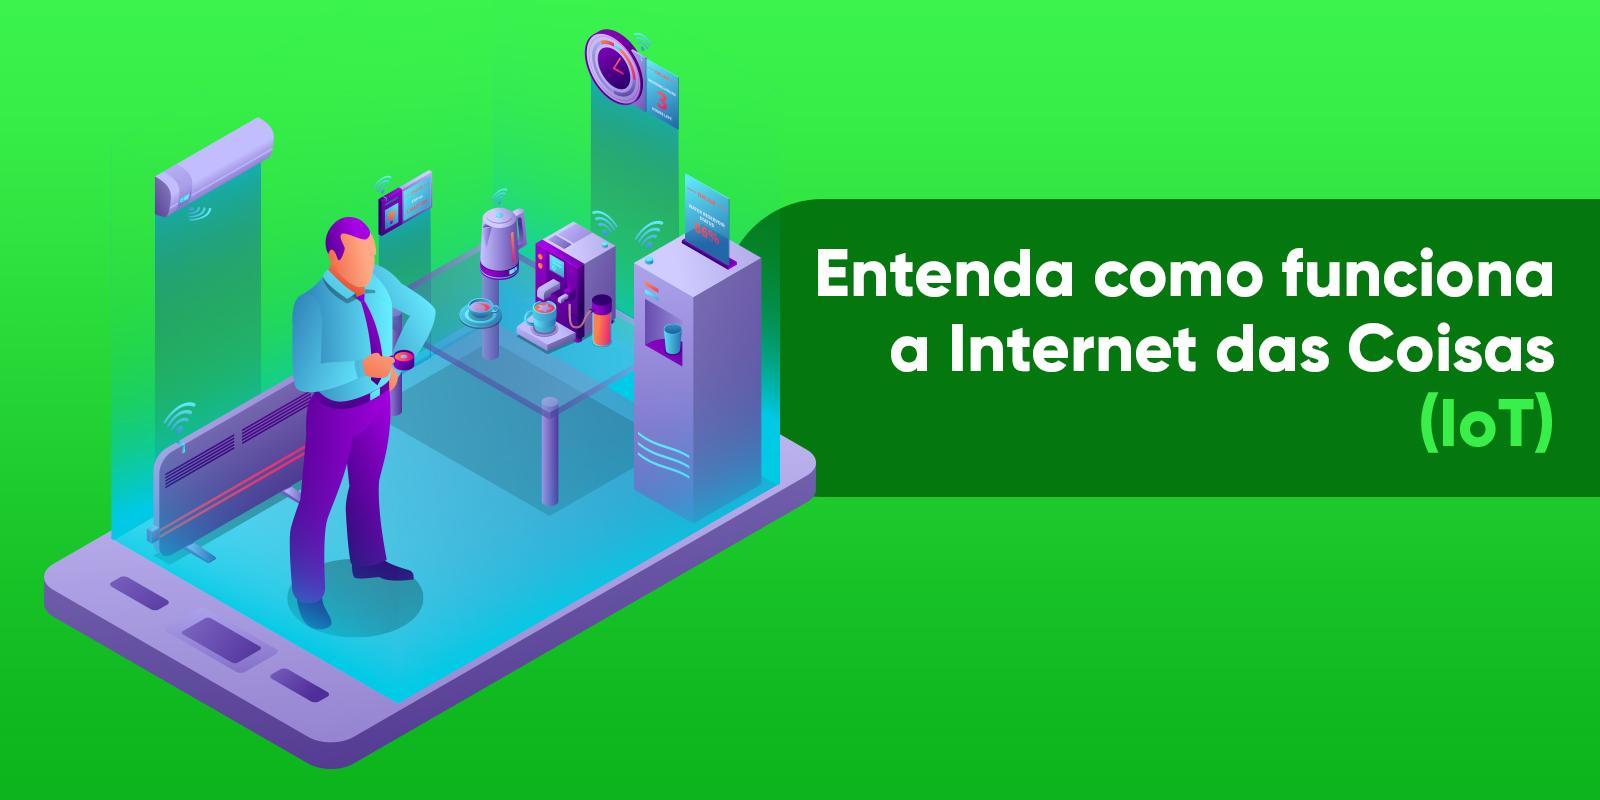 Entenda como funciona a Internet das Coisas (IoT)